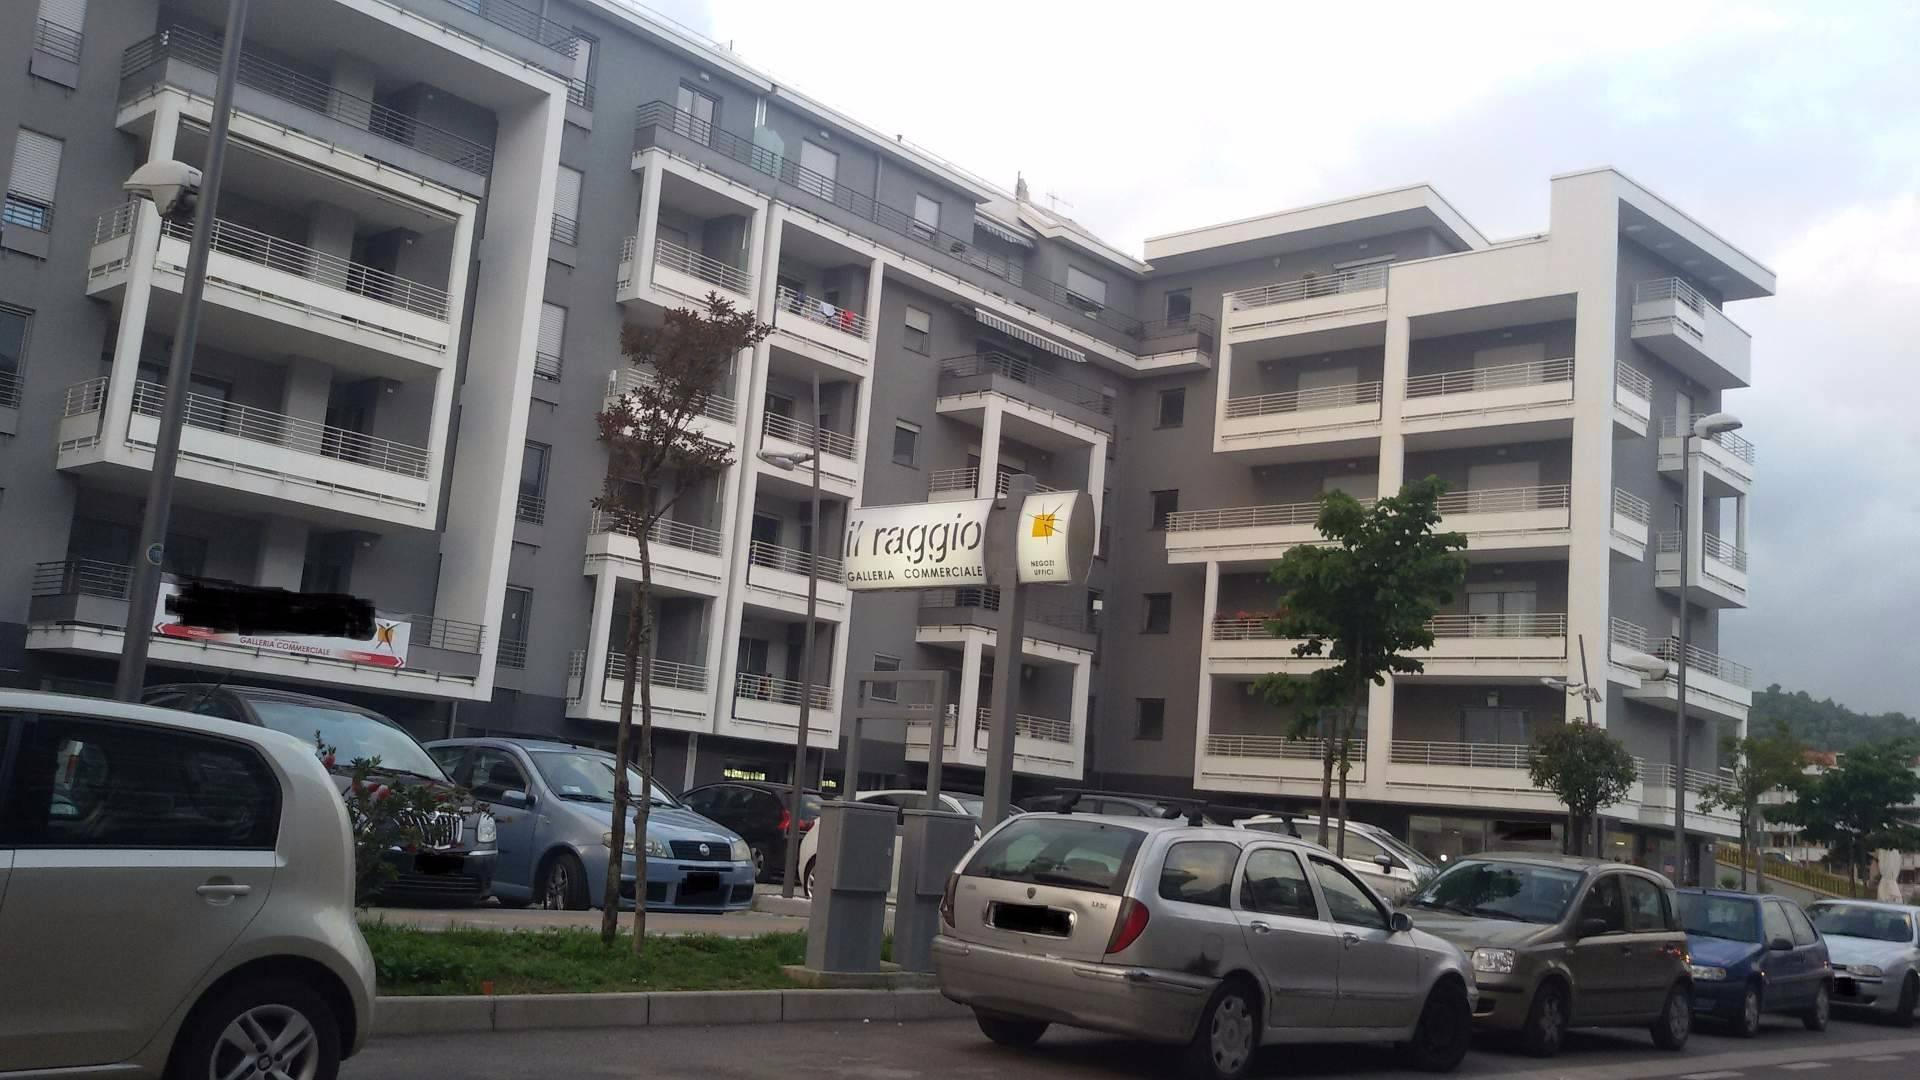 Ufficio / Studio in vendita a Baronissi, 9999 locali, prezzo € 130.000 | CambioCasa.it